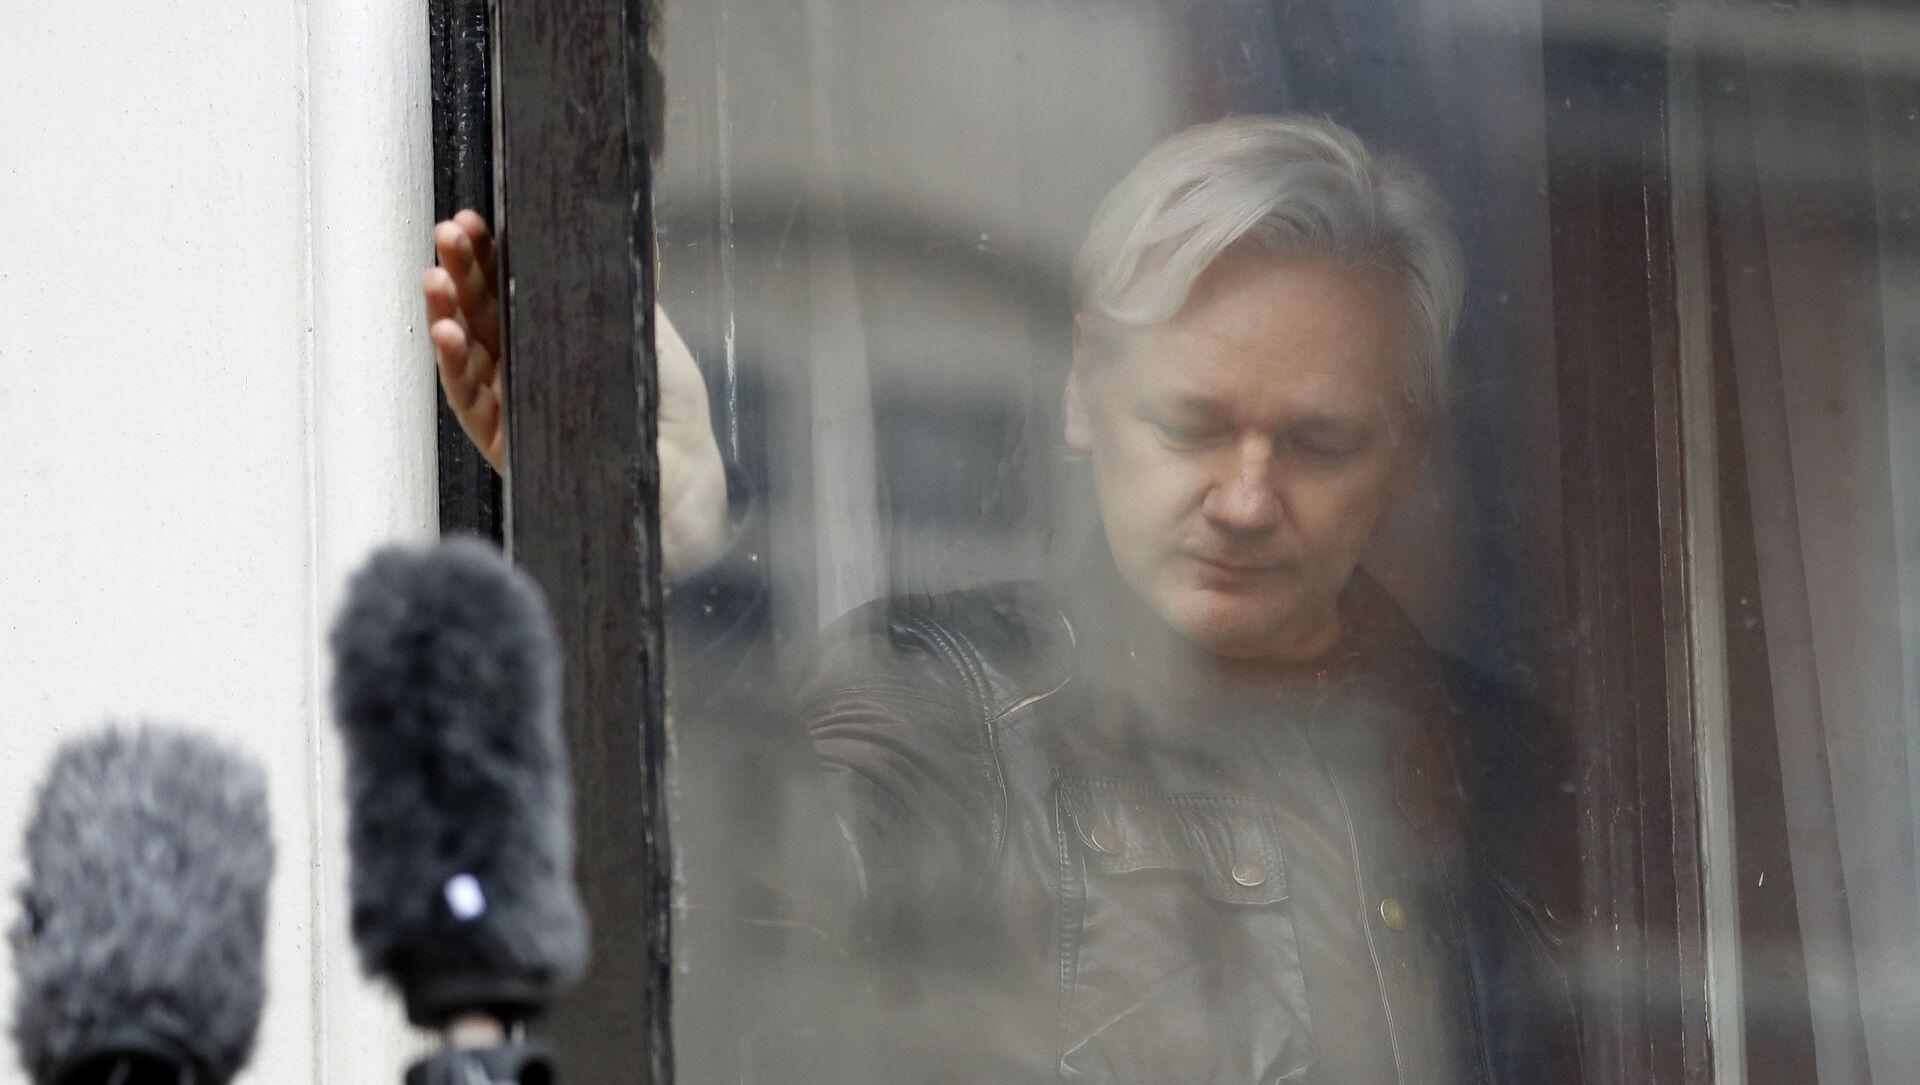 Оснивач Викиликса Џулијан Асанж у амбасади Еквадора у Лондону - Sputnik Србија, 1920, 08.02.2021